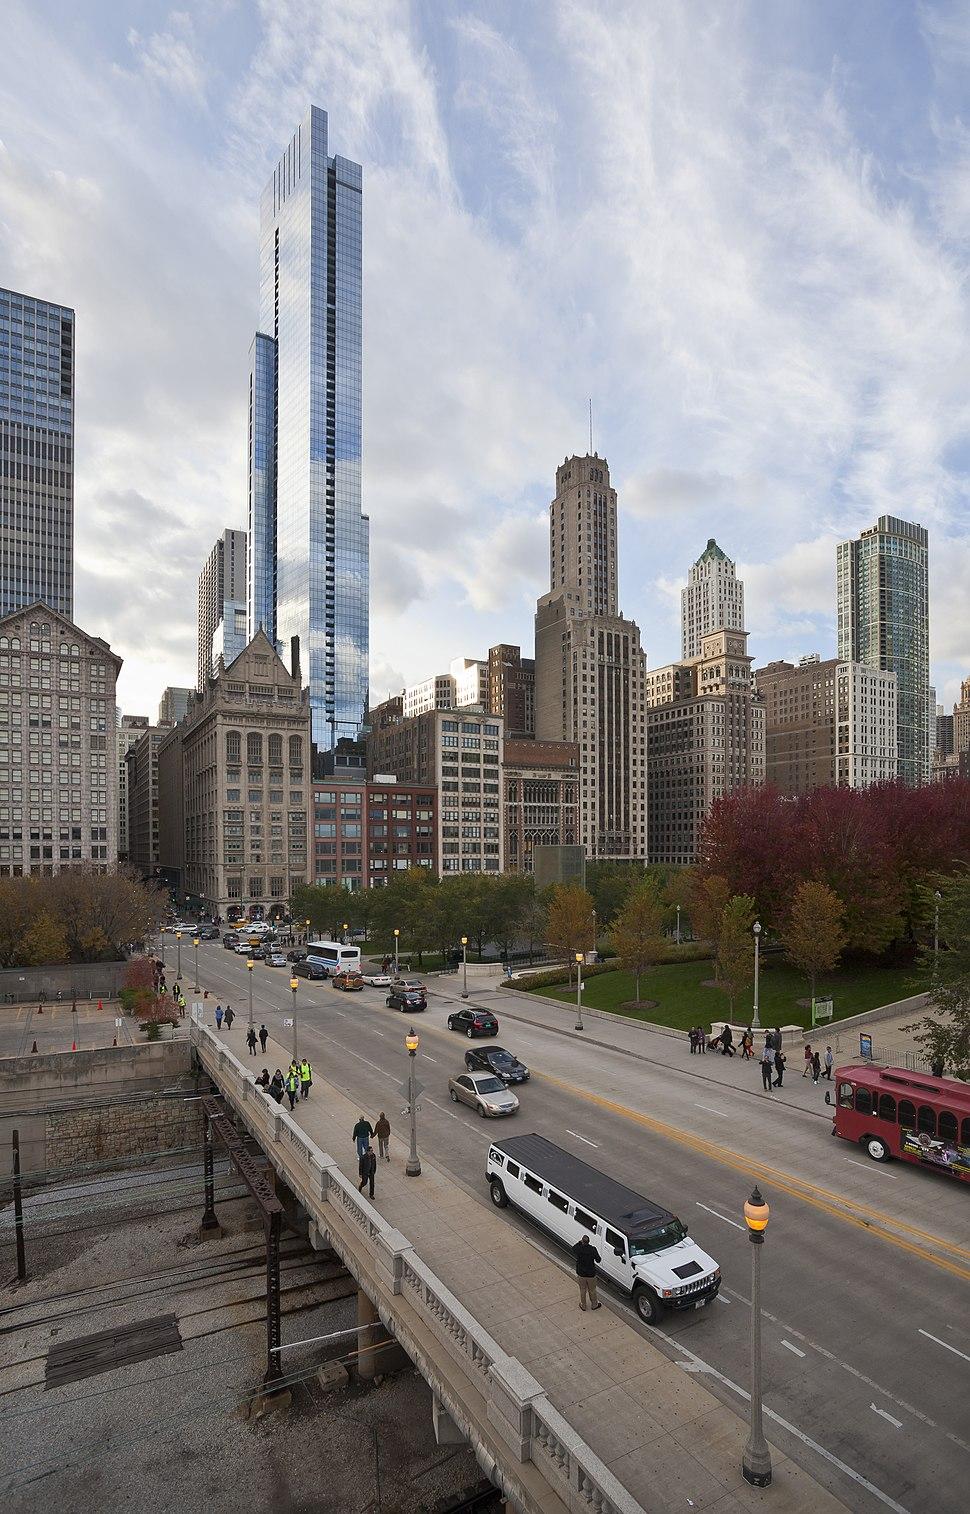 Calle E Monroe St, Chicago, Illinois, Estados Unidos, 2012-10-20, DD 04